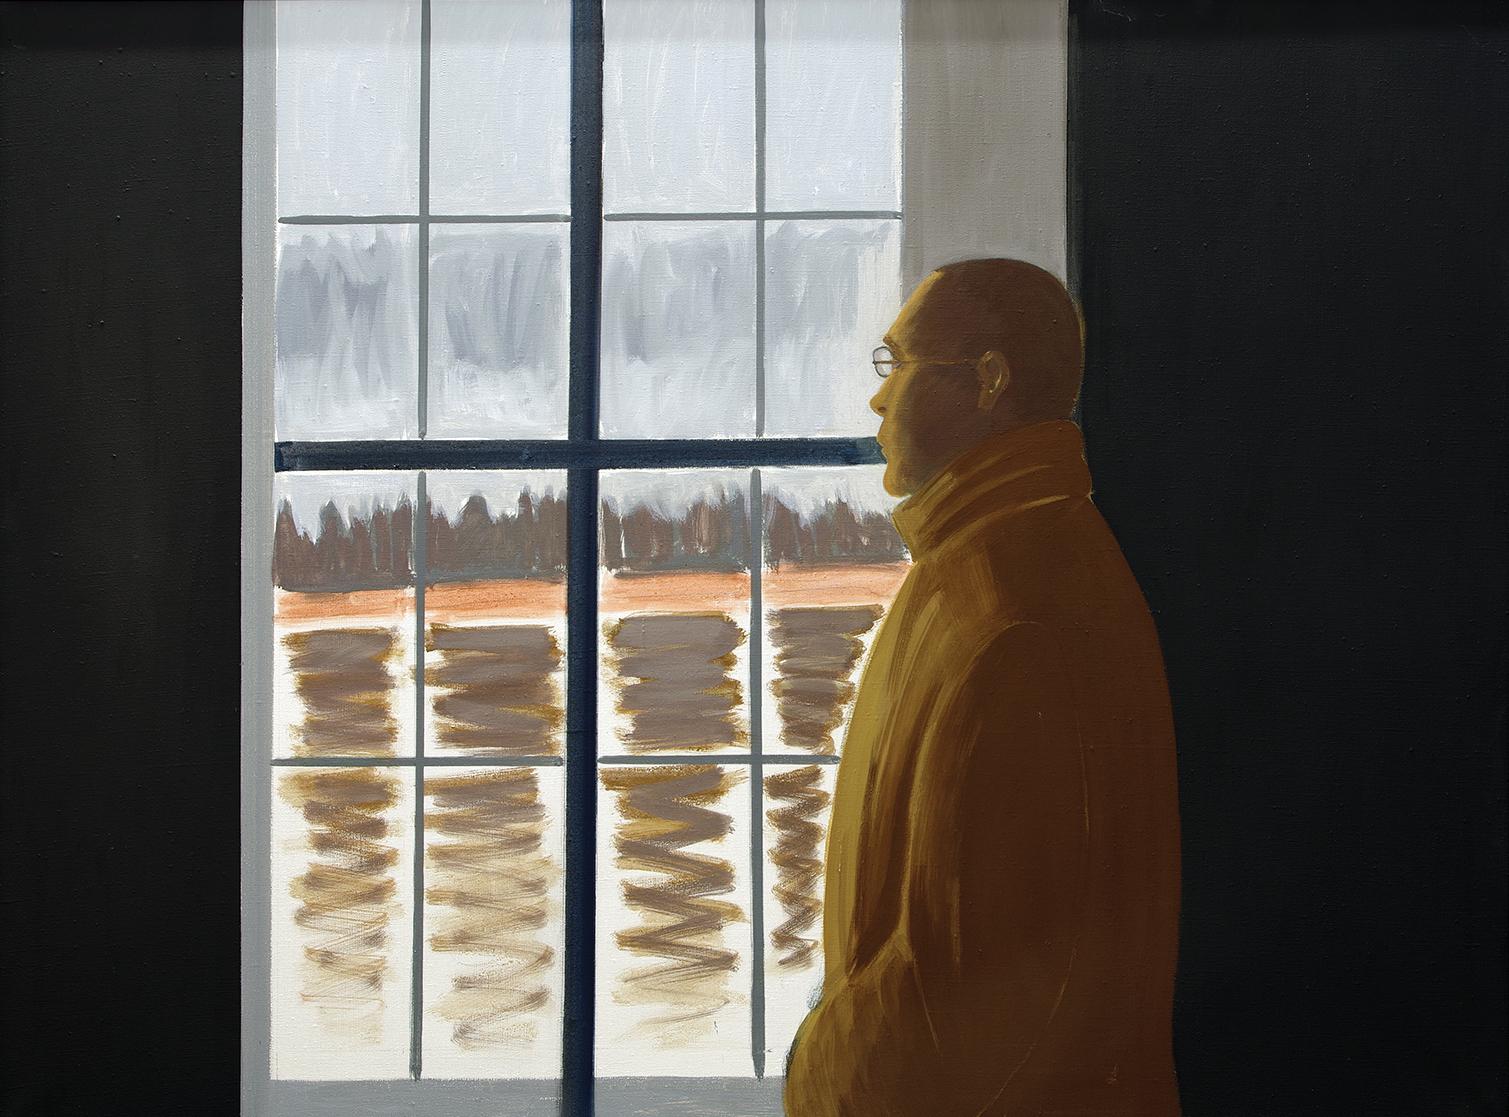 Autoportret wg Kinderheim 8/2002, 2006 r.